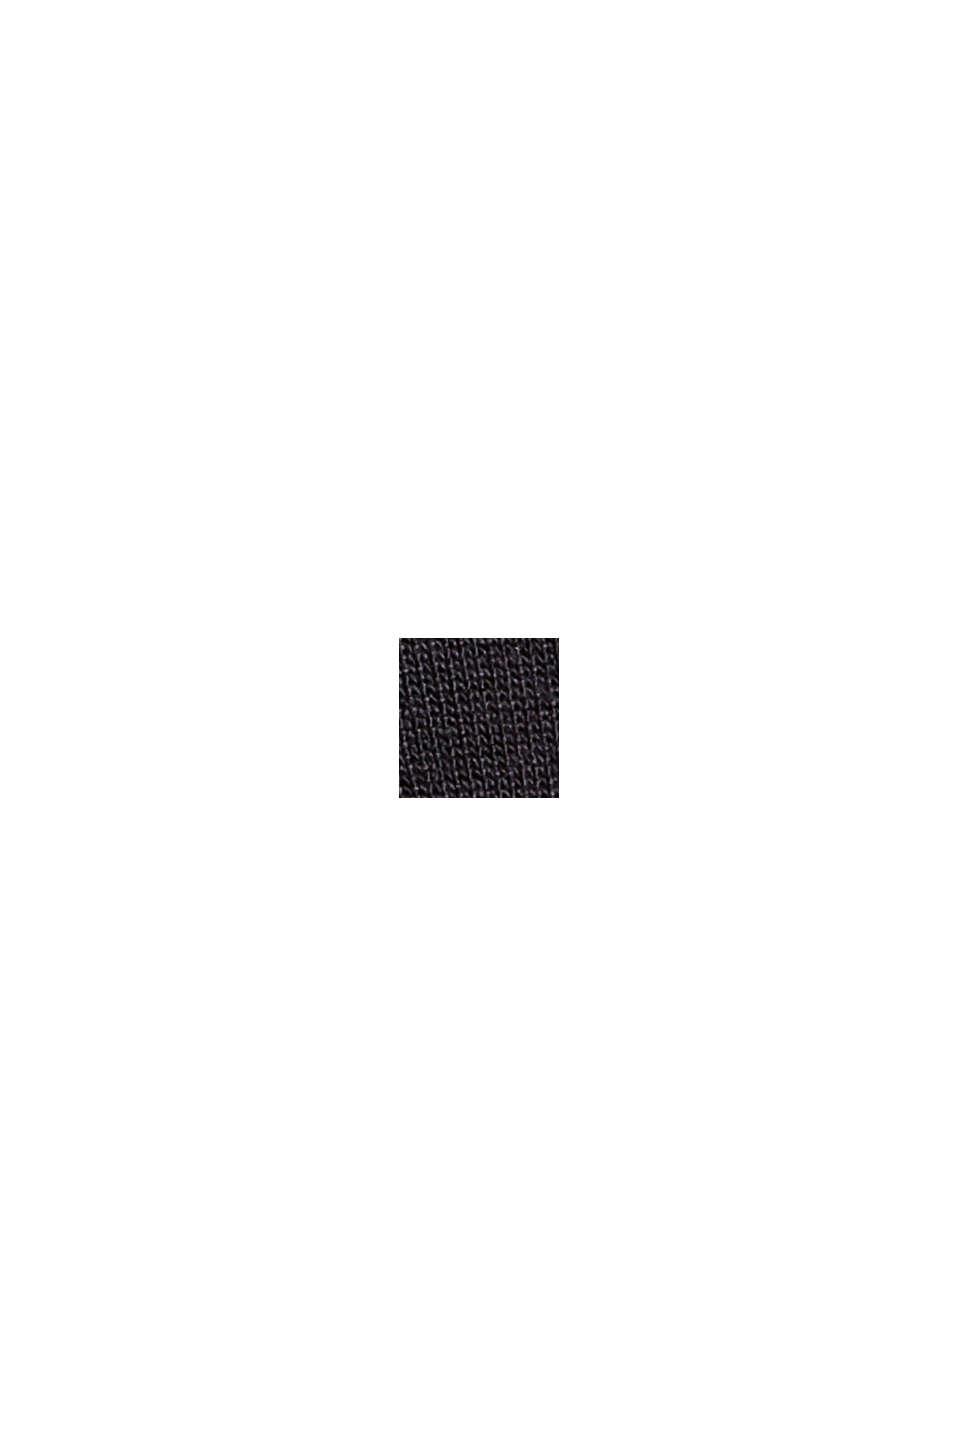 T-shirt à manches longues en TENCEL™ x REFIBRA™, BLACK, swatch